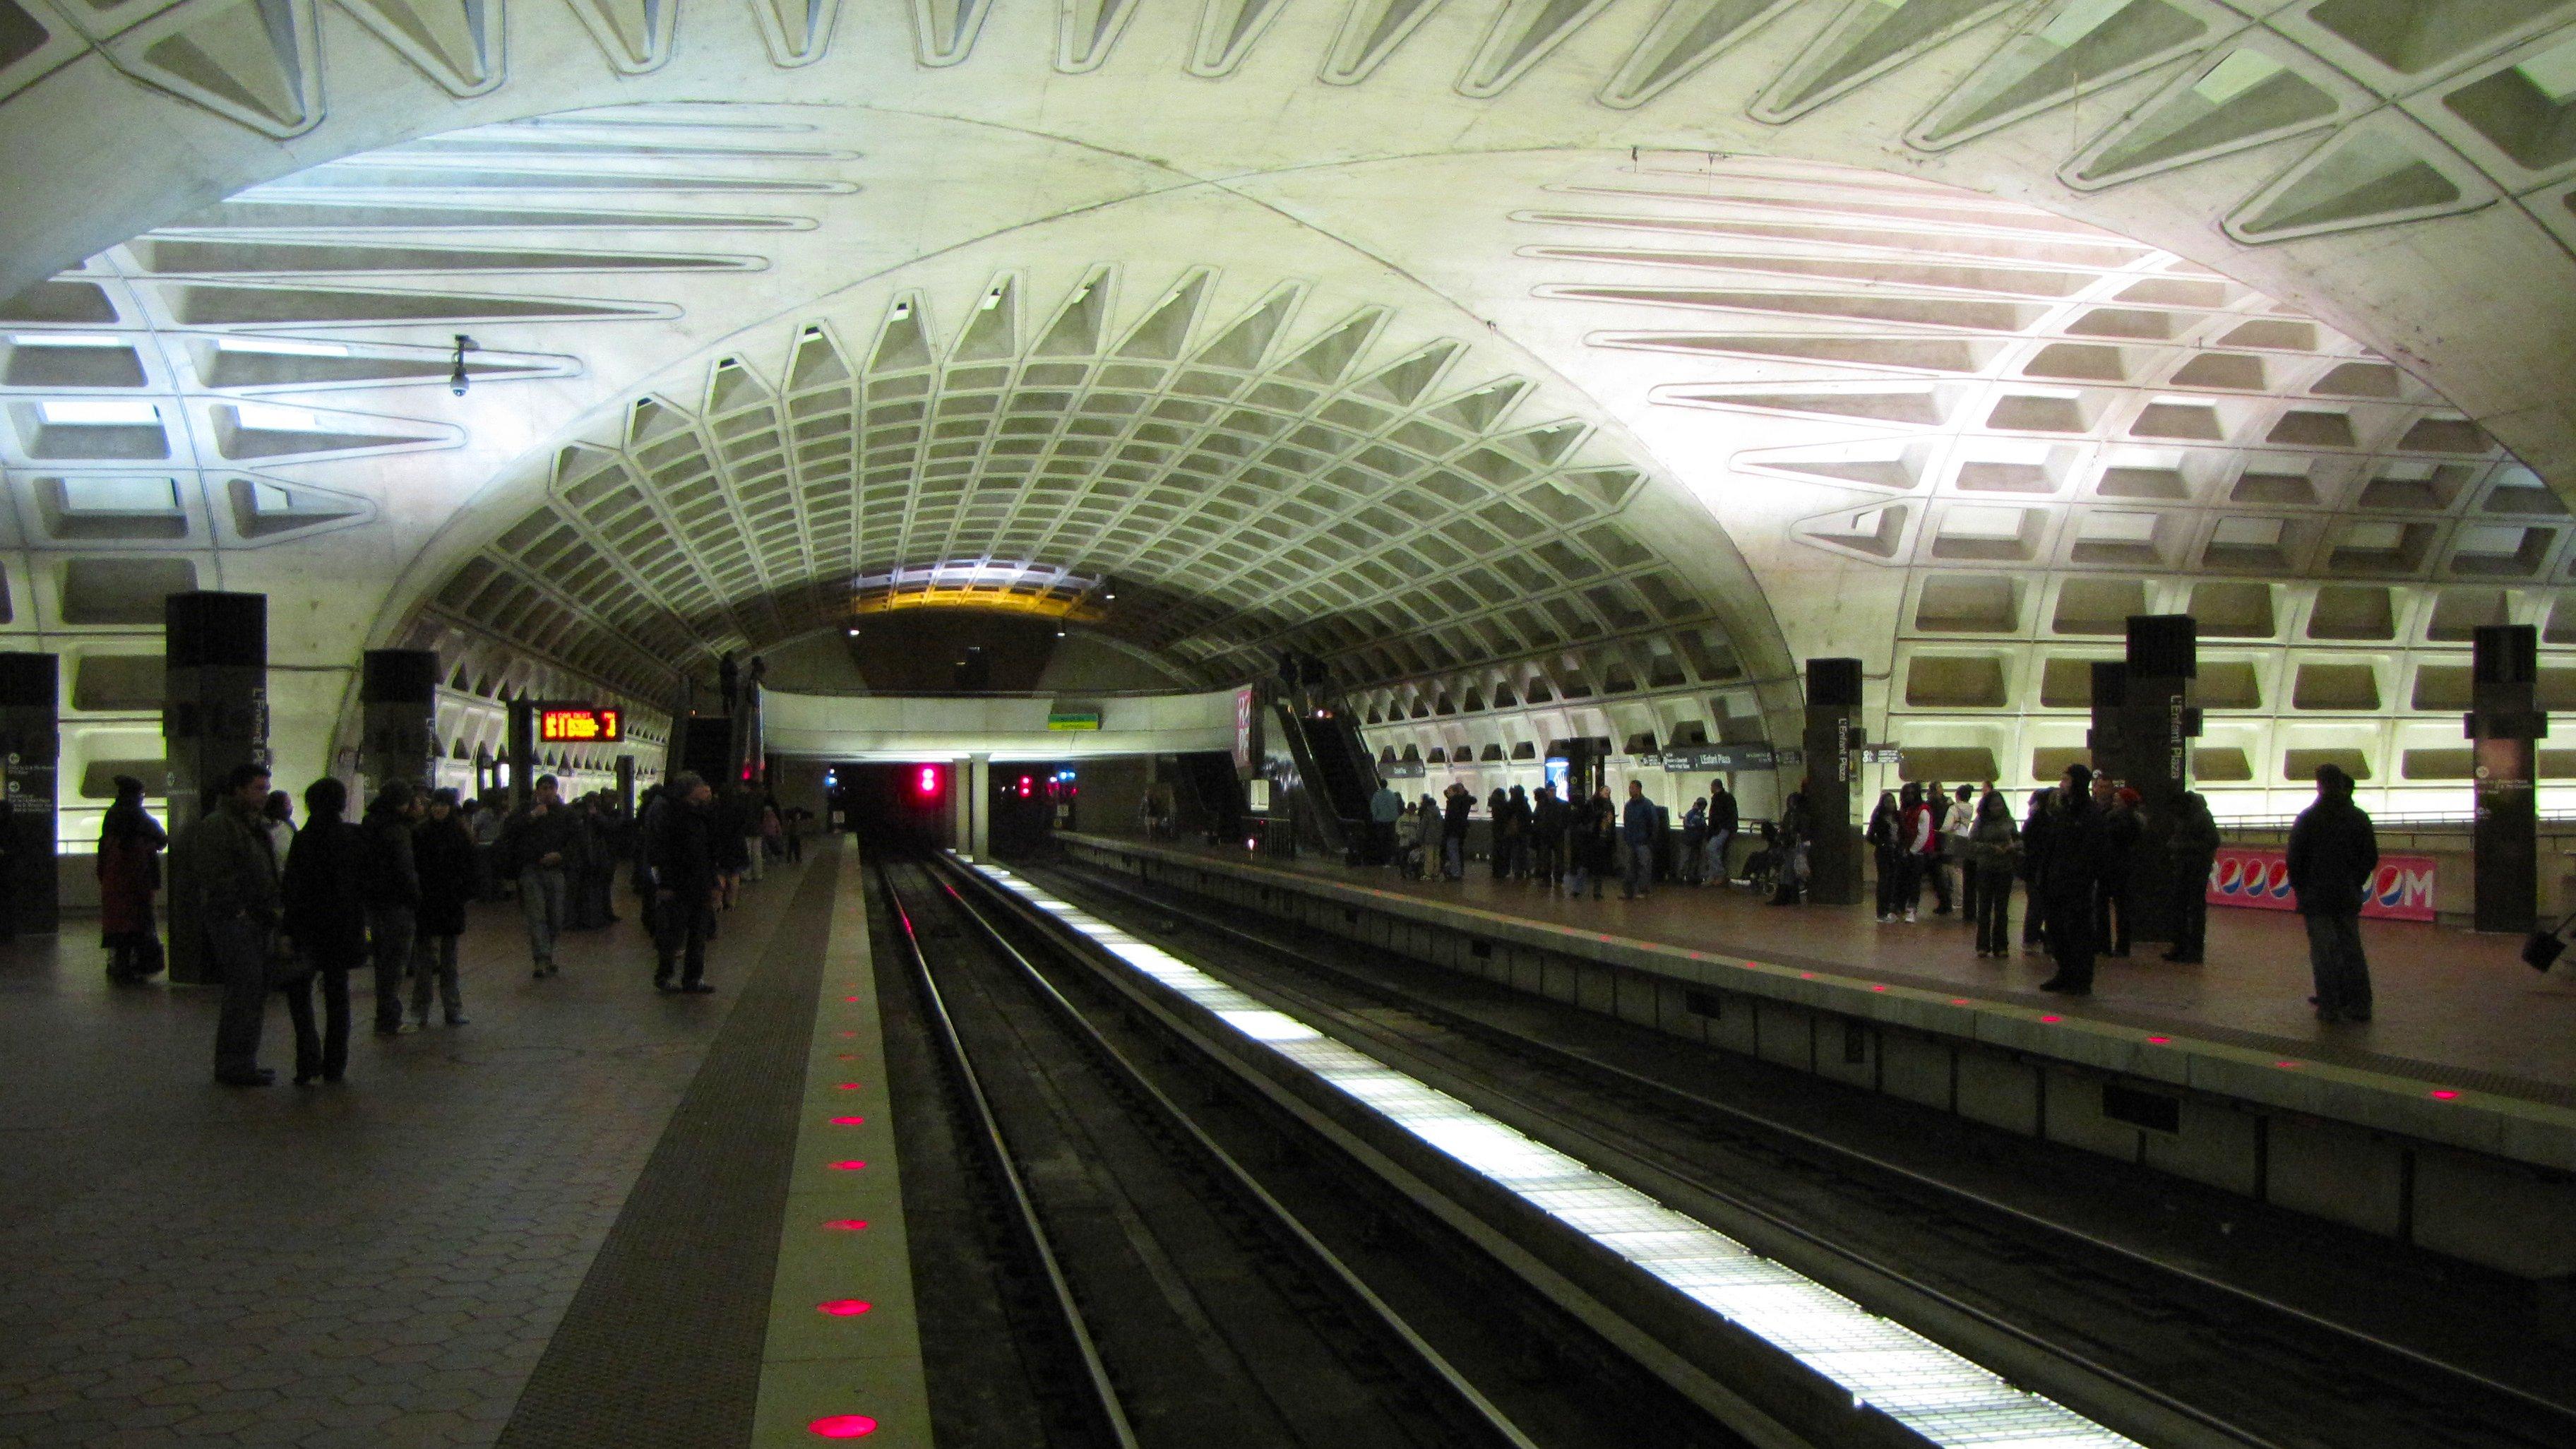 Л'Энфант плаза (англ. L'Enfant Plaza) — подземная пересадочная станция Вашингтонгского метро (WMATA) на Синей, Оранжевой, Жёлтой, Зелёной и Серебряной линиях. Станция расположена в Юго-Западном квадранте Вашингтона с выходами: в торговом центре Л'Энфант плаза на пересечении 9-й улицы и Ди-стрит, на Ди-стрит между 6-й и 7-й улицами, на пересечении Мэриленд-авеню и 7-й улицы. Поблизости расположены Л'Энфант плаза, Национальная аллея, музеи Смитсоновского университета, Федеральное управление гражданской авиации, Почтовая служба. Пассажиропоток — 6.524 млн. (на 2011 год) - Википедия